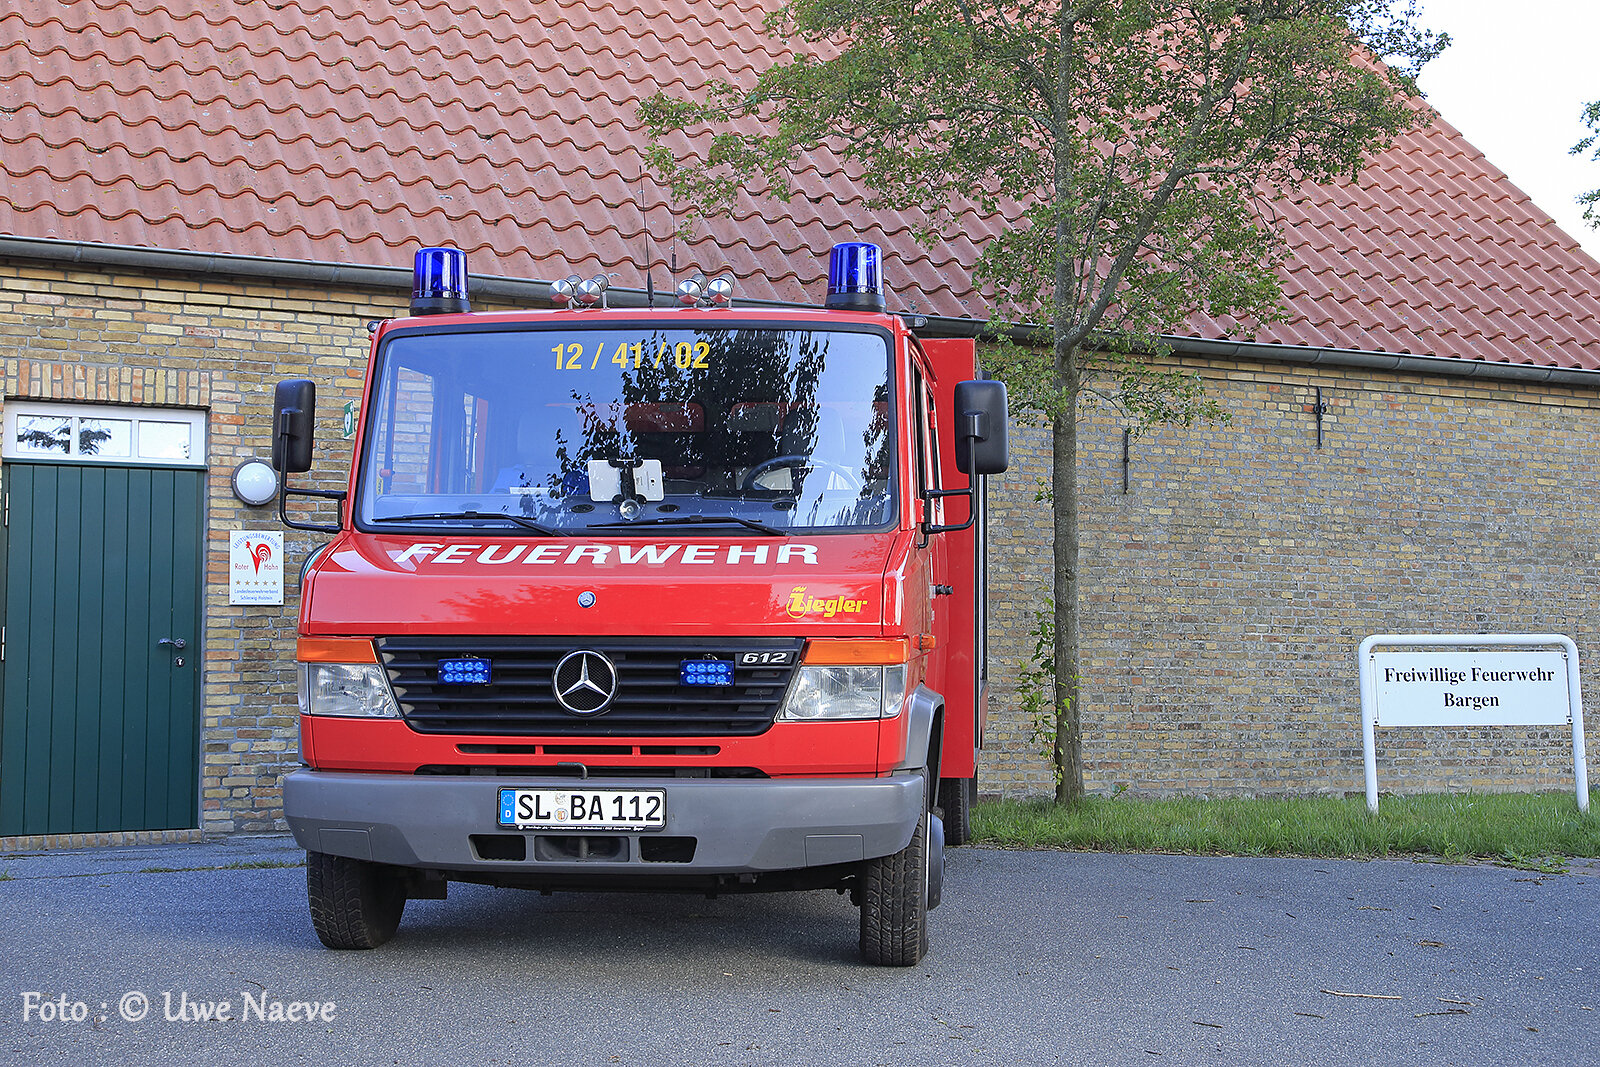 Feuerwehr Bargen